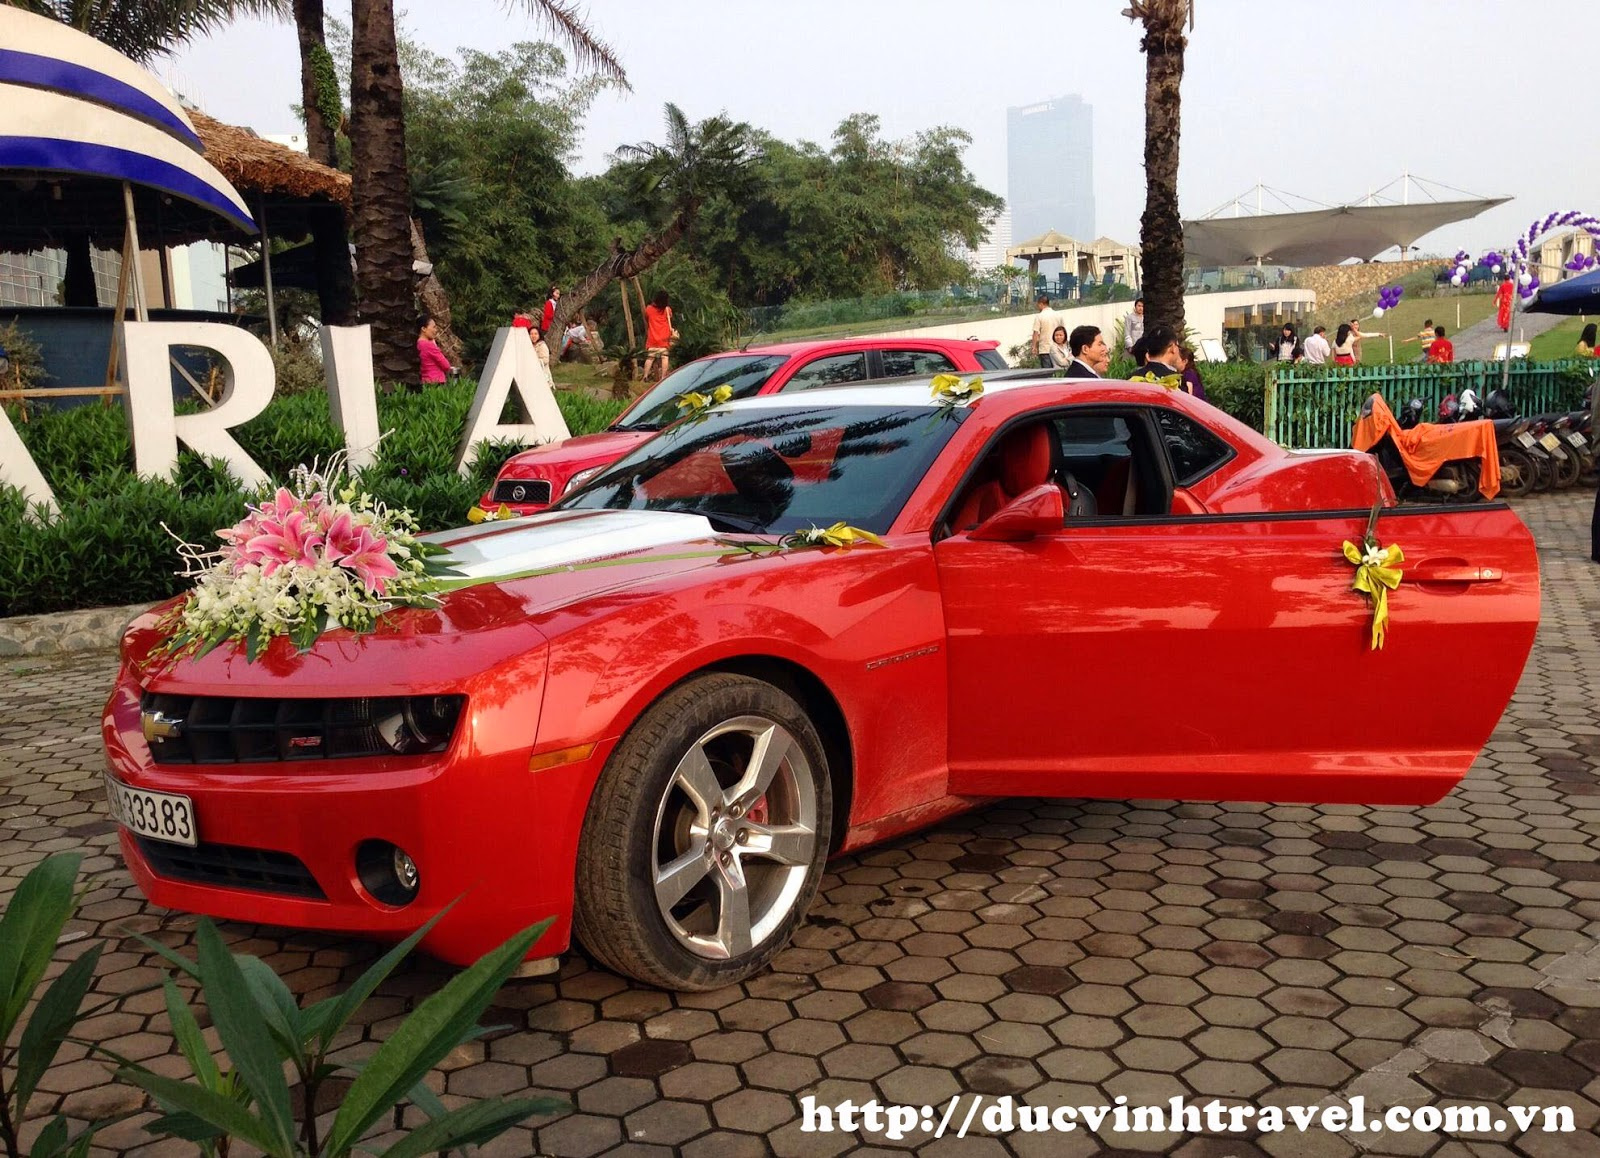 Cho thuê xe cưới tại Đà Nẵng hạng sang, giá thành cạnh tranh